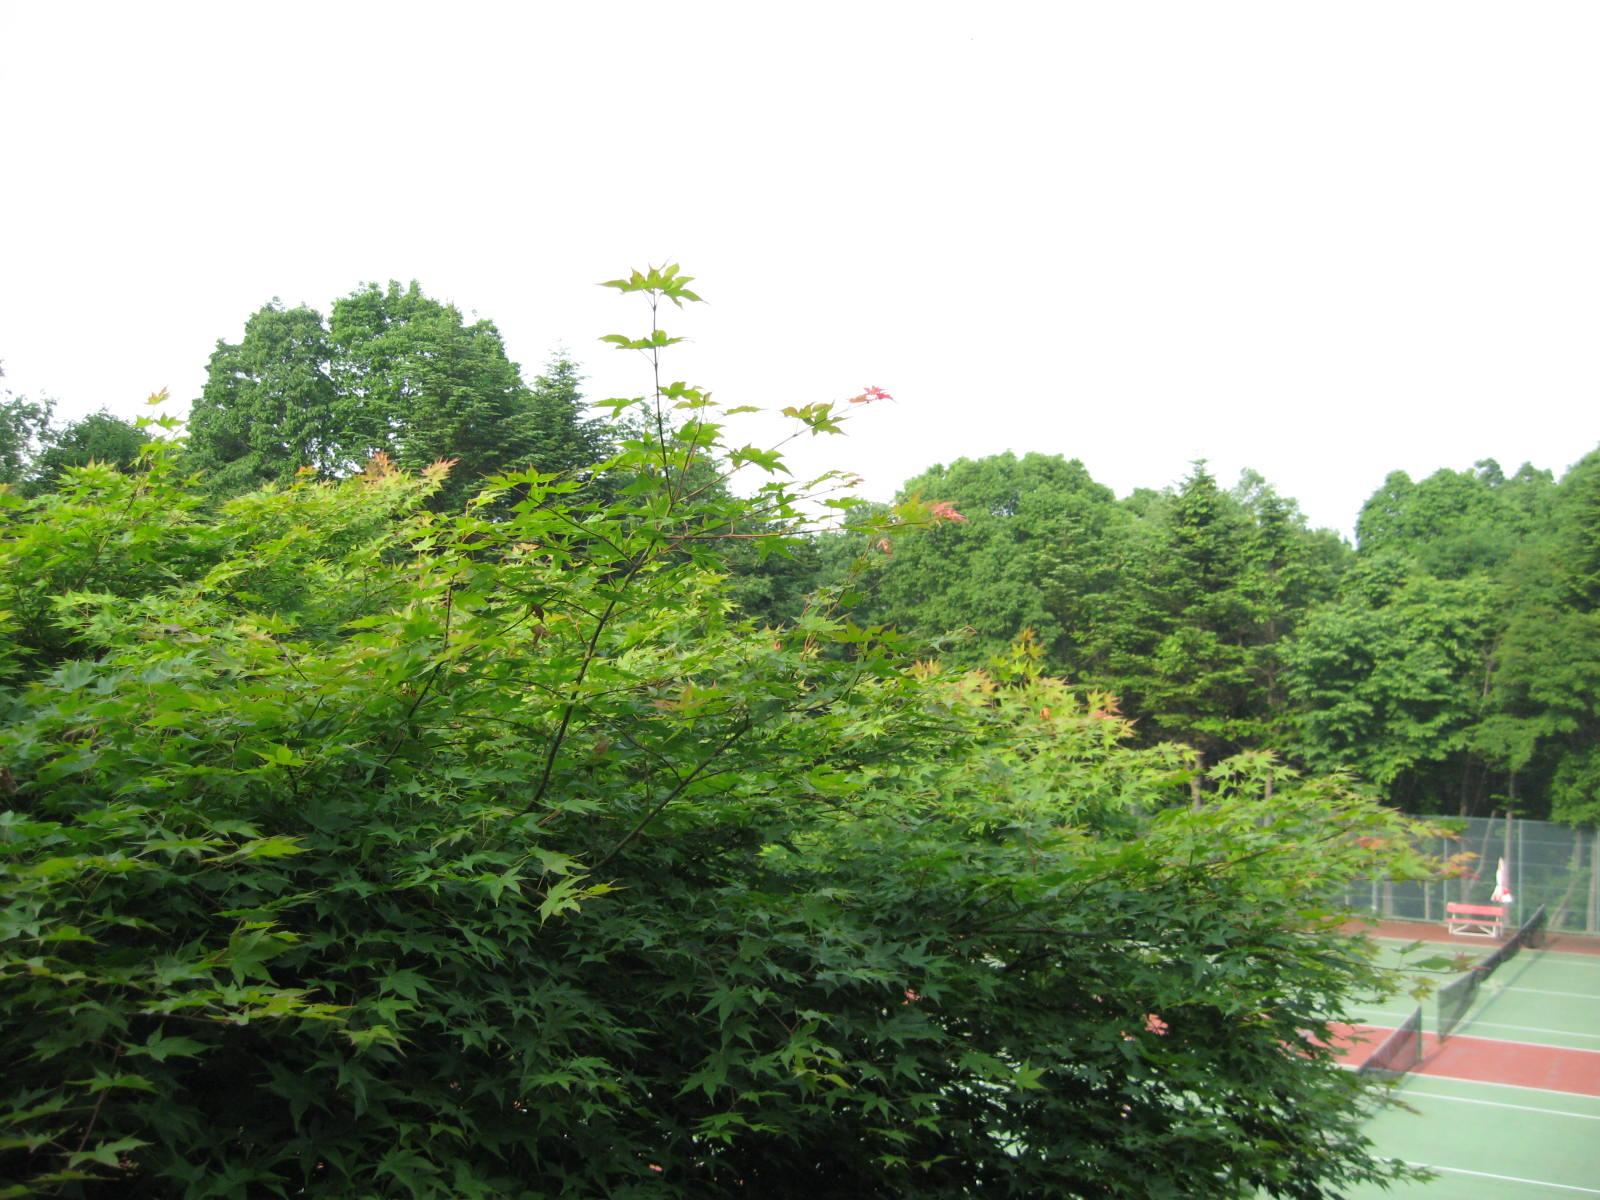 初夏を迎えた、我が家のもみじ_f0146620_2175881.jpg